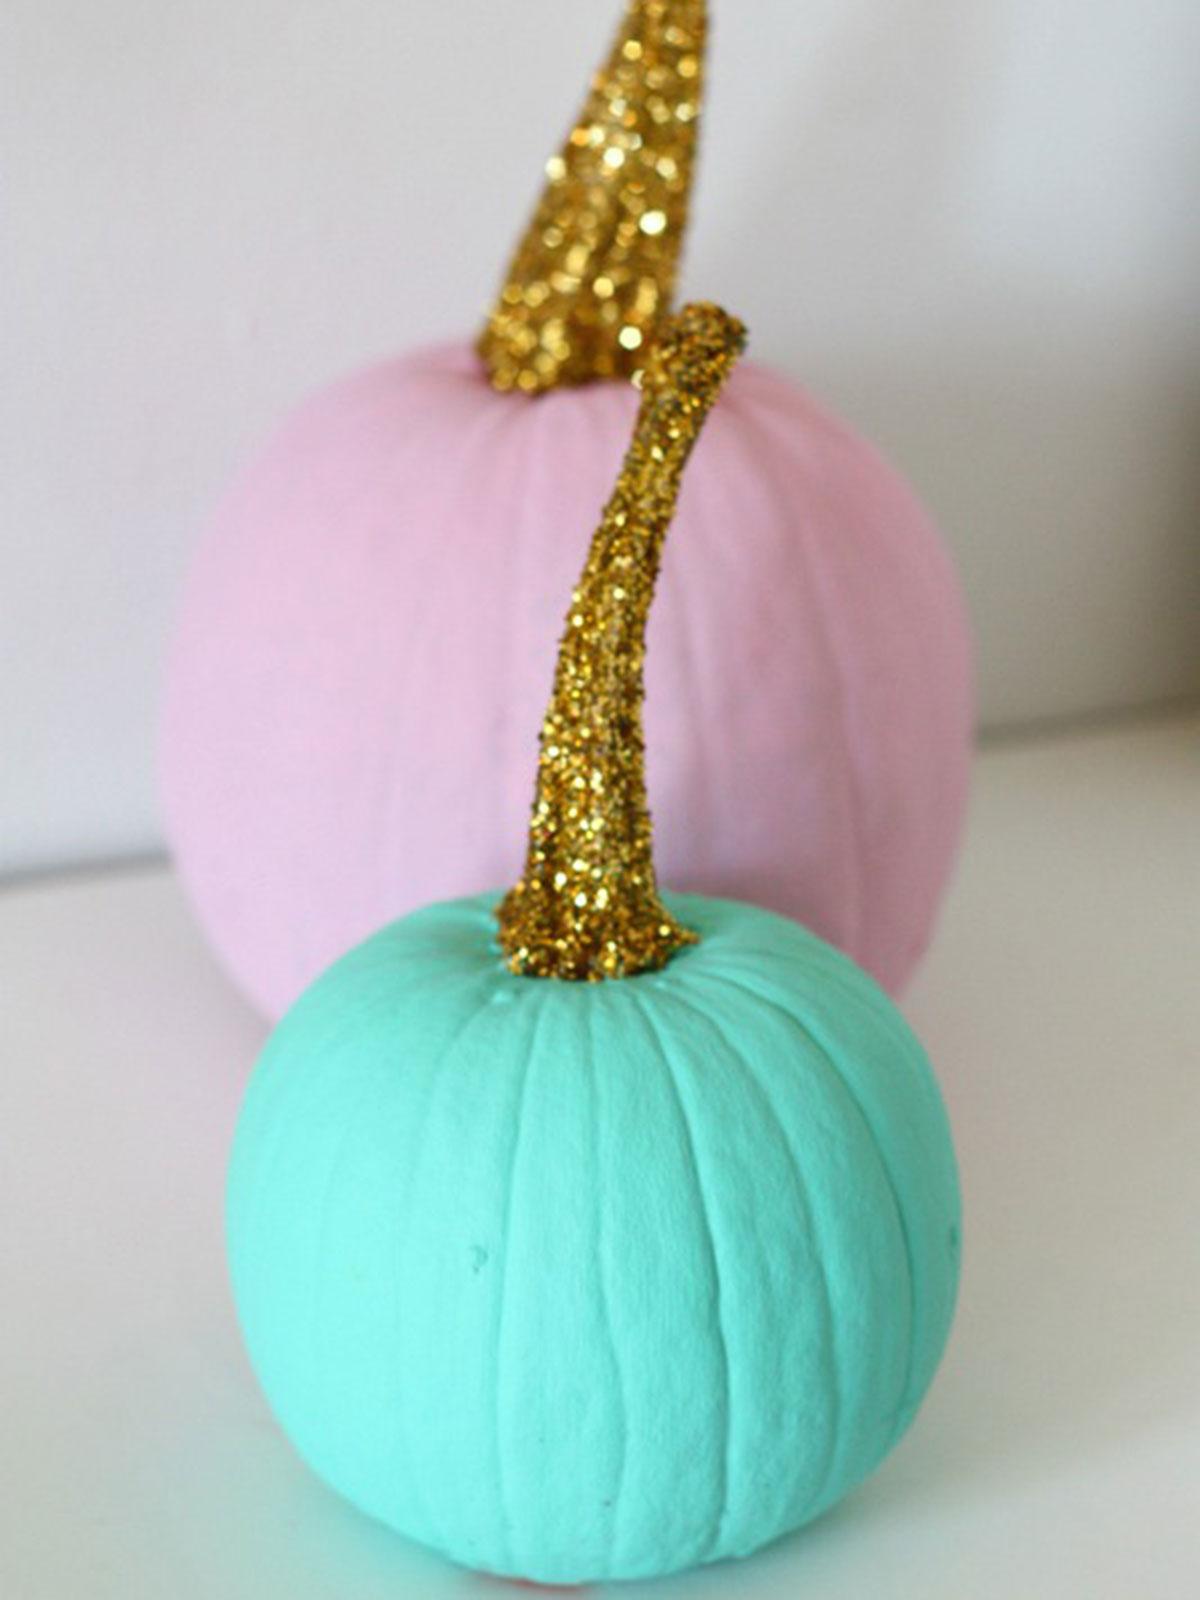 Pumpkin stems for crafts - 11 Best Glitter Pumpkins Fun Diy Ideas For Decorating Pumpkins With Glitter